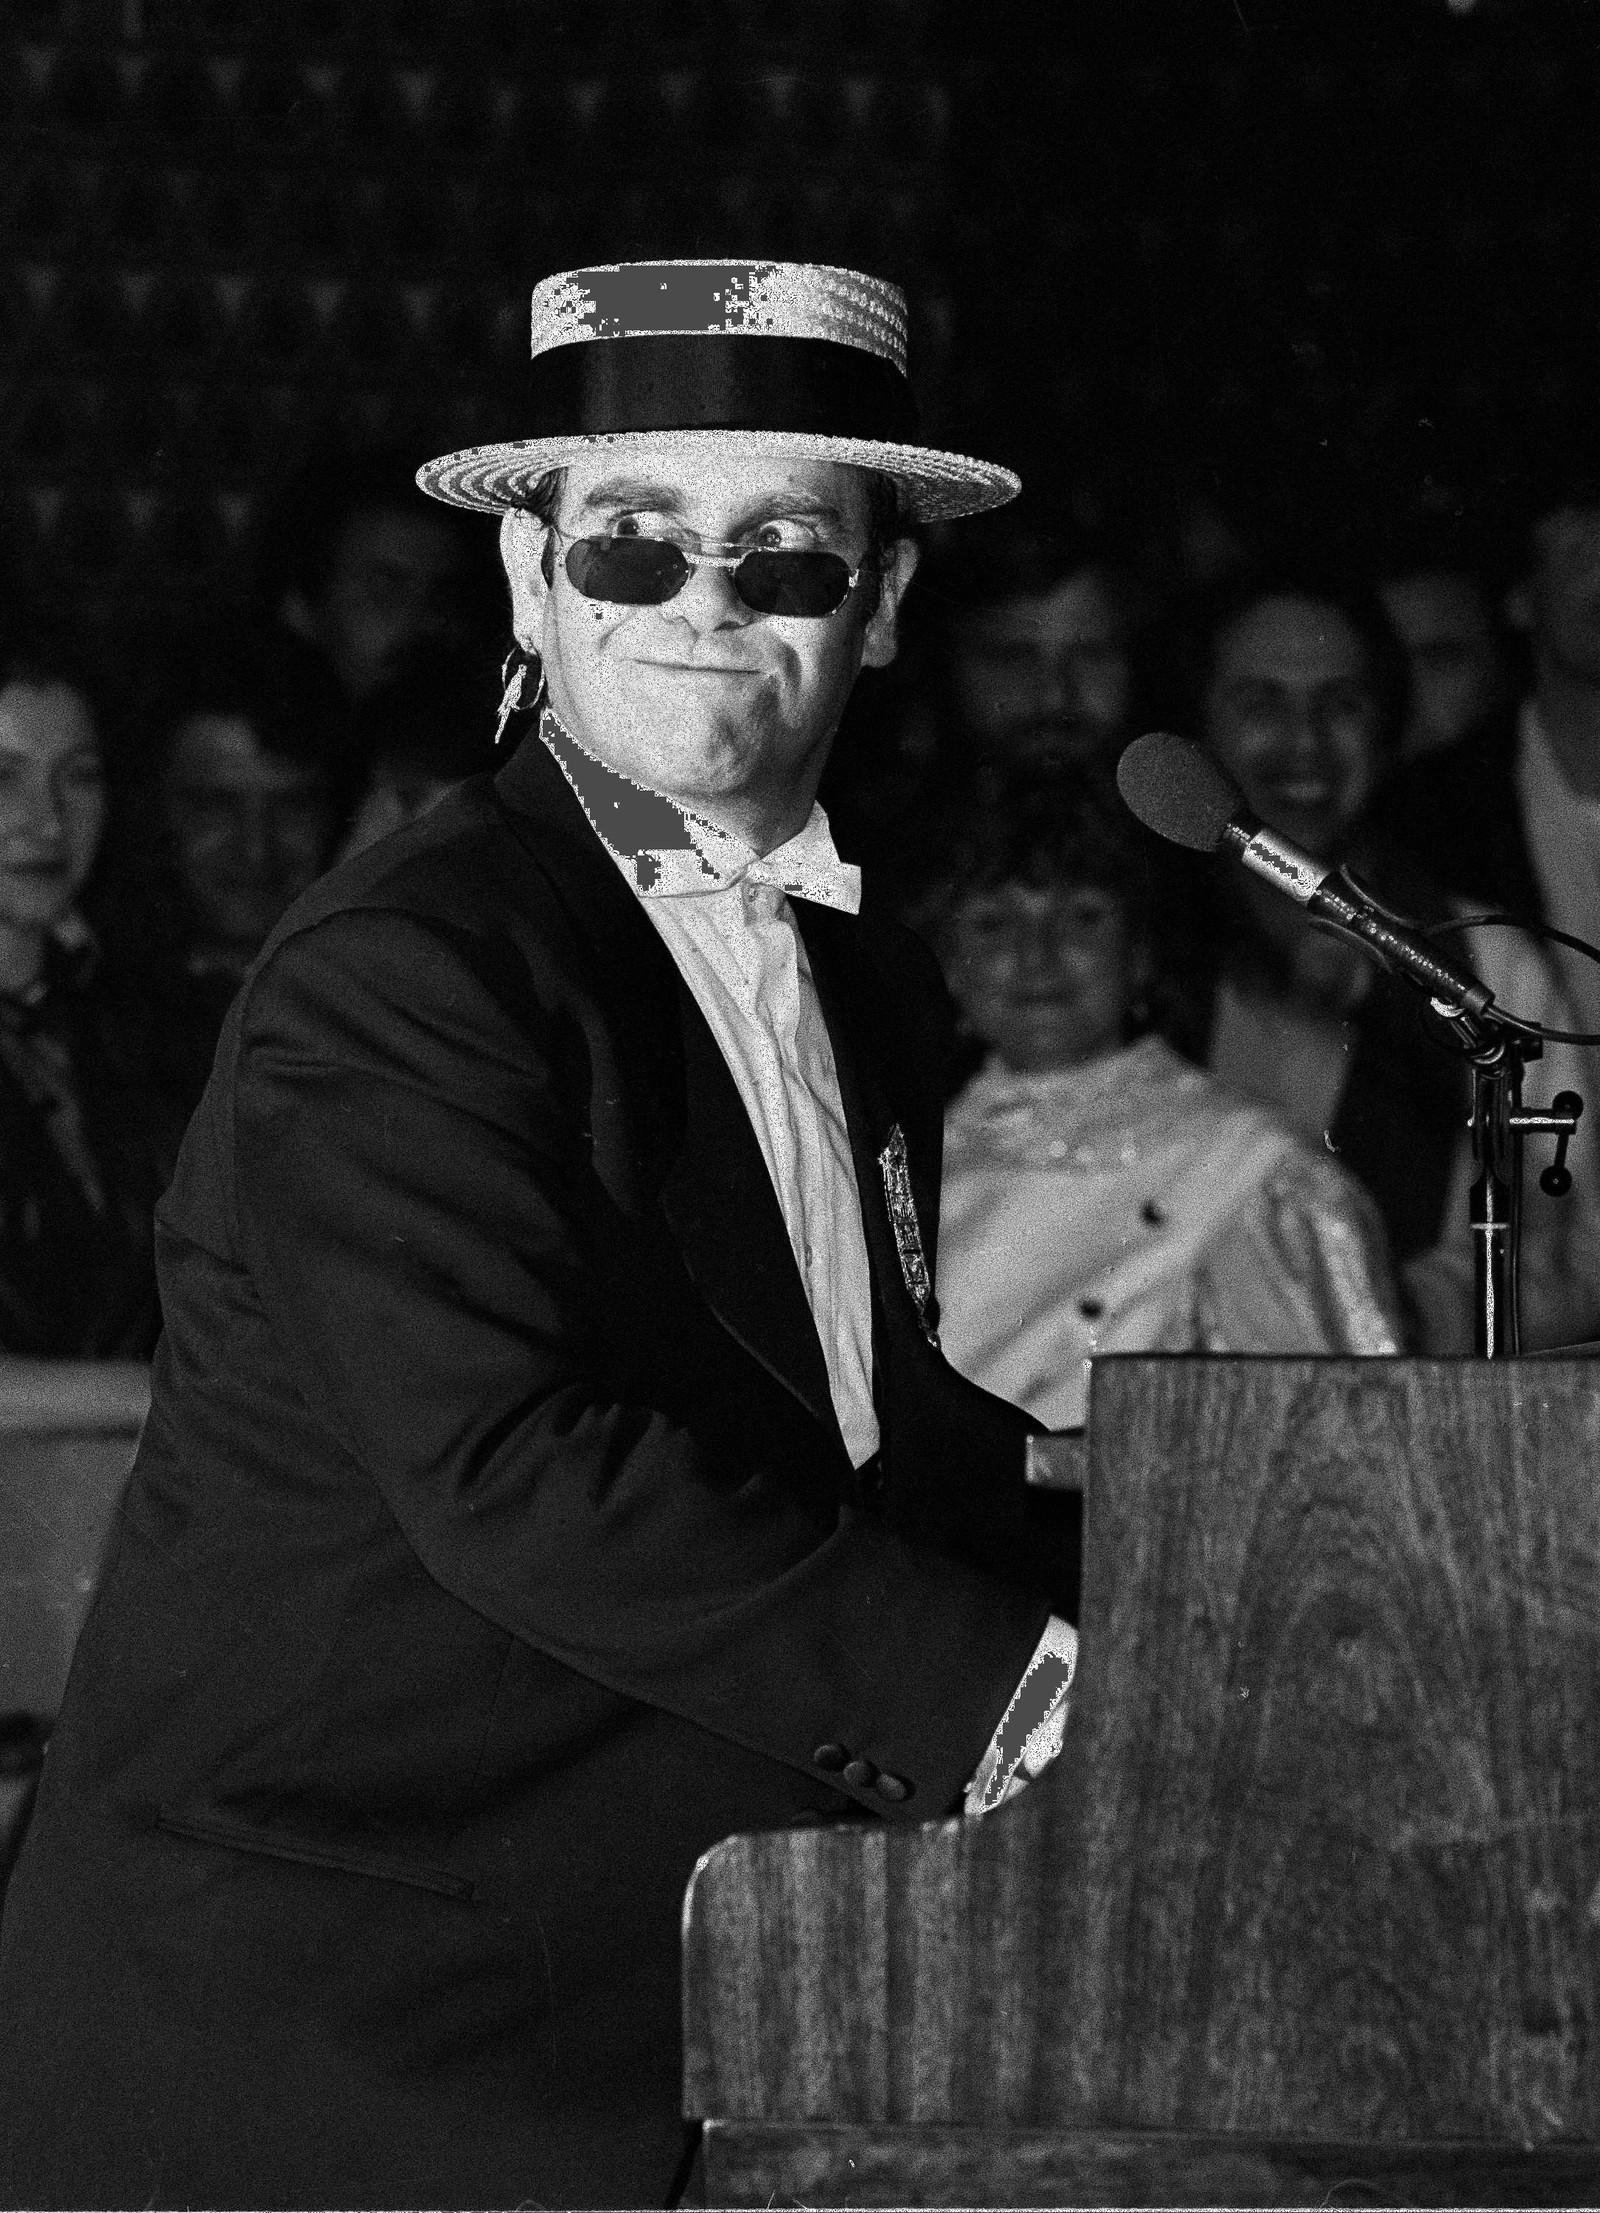 1983: Elton John opptrer med verdens mest eksklusive briller under ein lanseringskonsert for det luksuriøse franske merket Cartier i Monastir, Tunisia, 30. mars. Brillene, som består av 22 karat gull og er dekorert med diamanter, var verdsatt til $13,700 amerikanske dollar. Elton John eig meir enn 1000 par med briller.